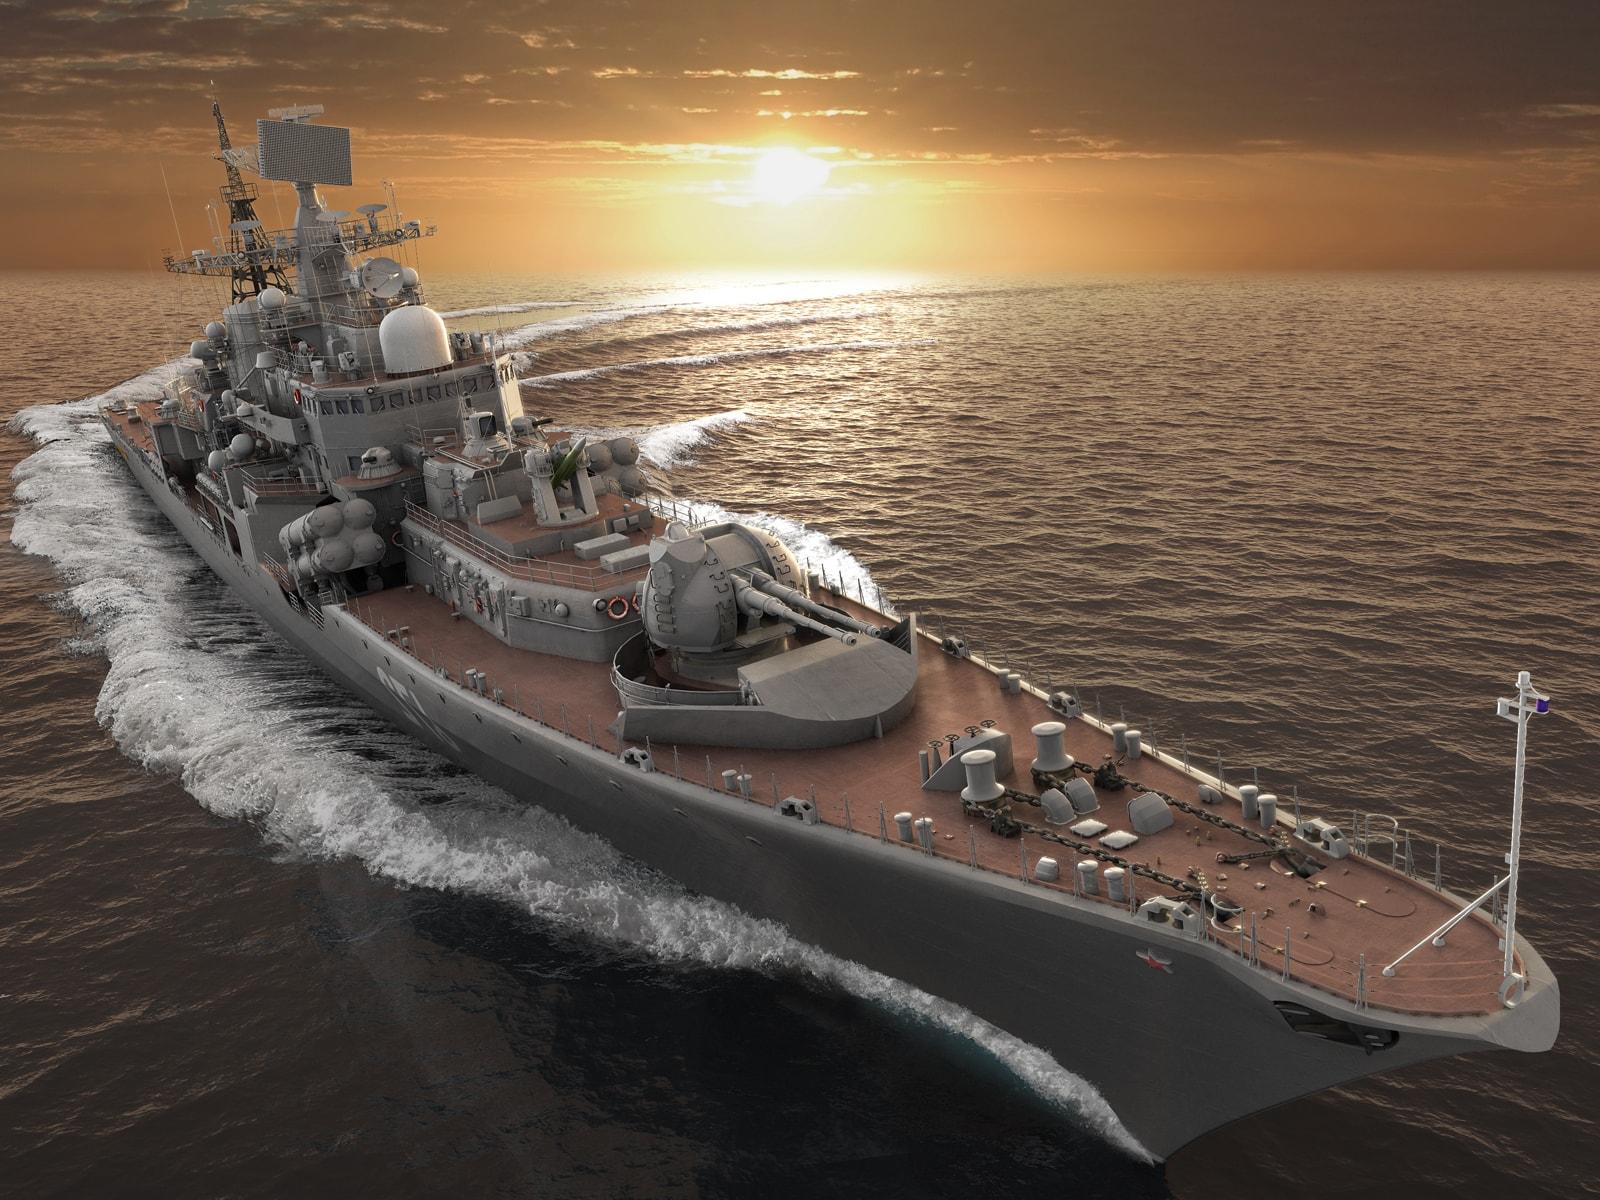 Русия иска да постигне паритет на НАТО в световния океан